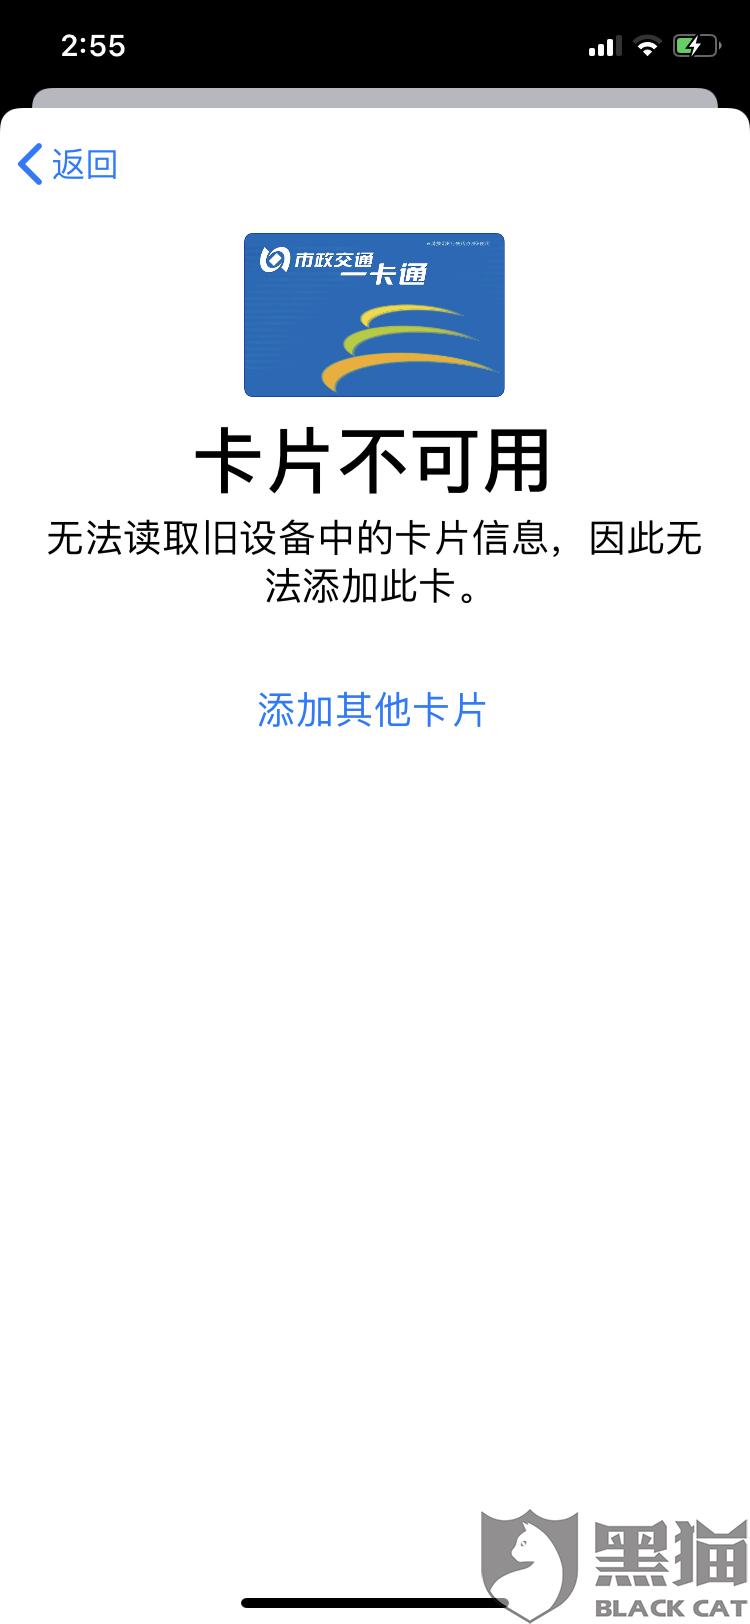 黑猫投诉:北京市政交通一卡通